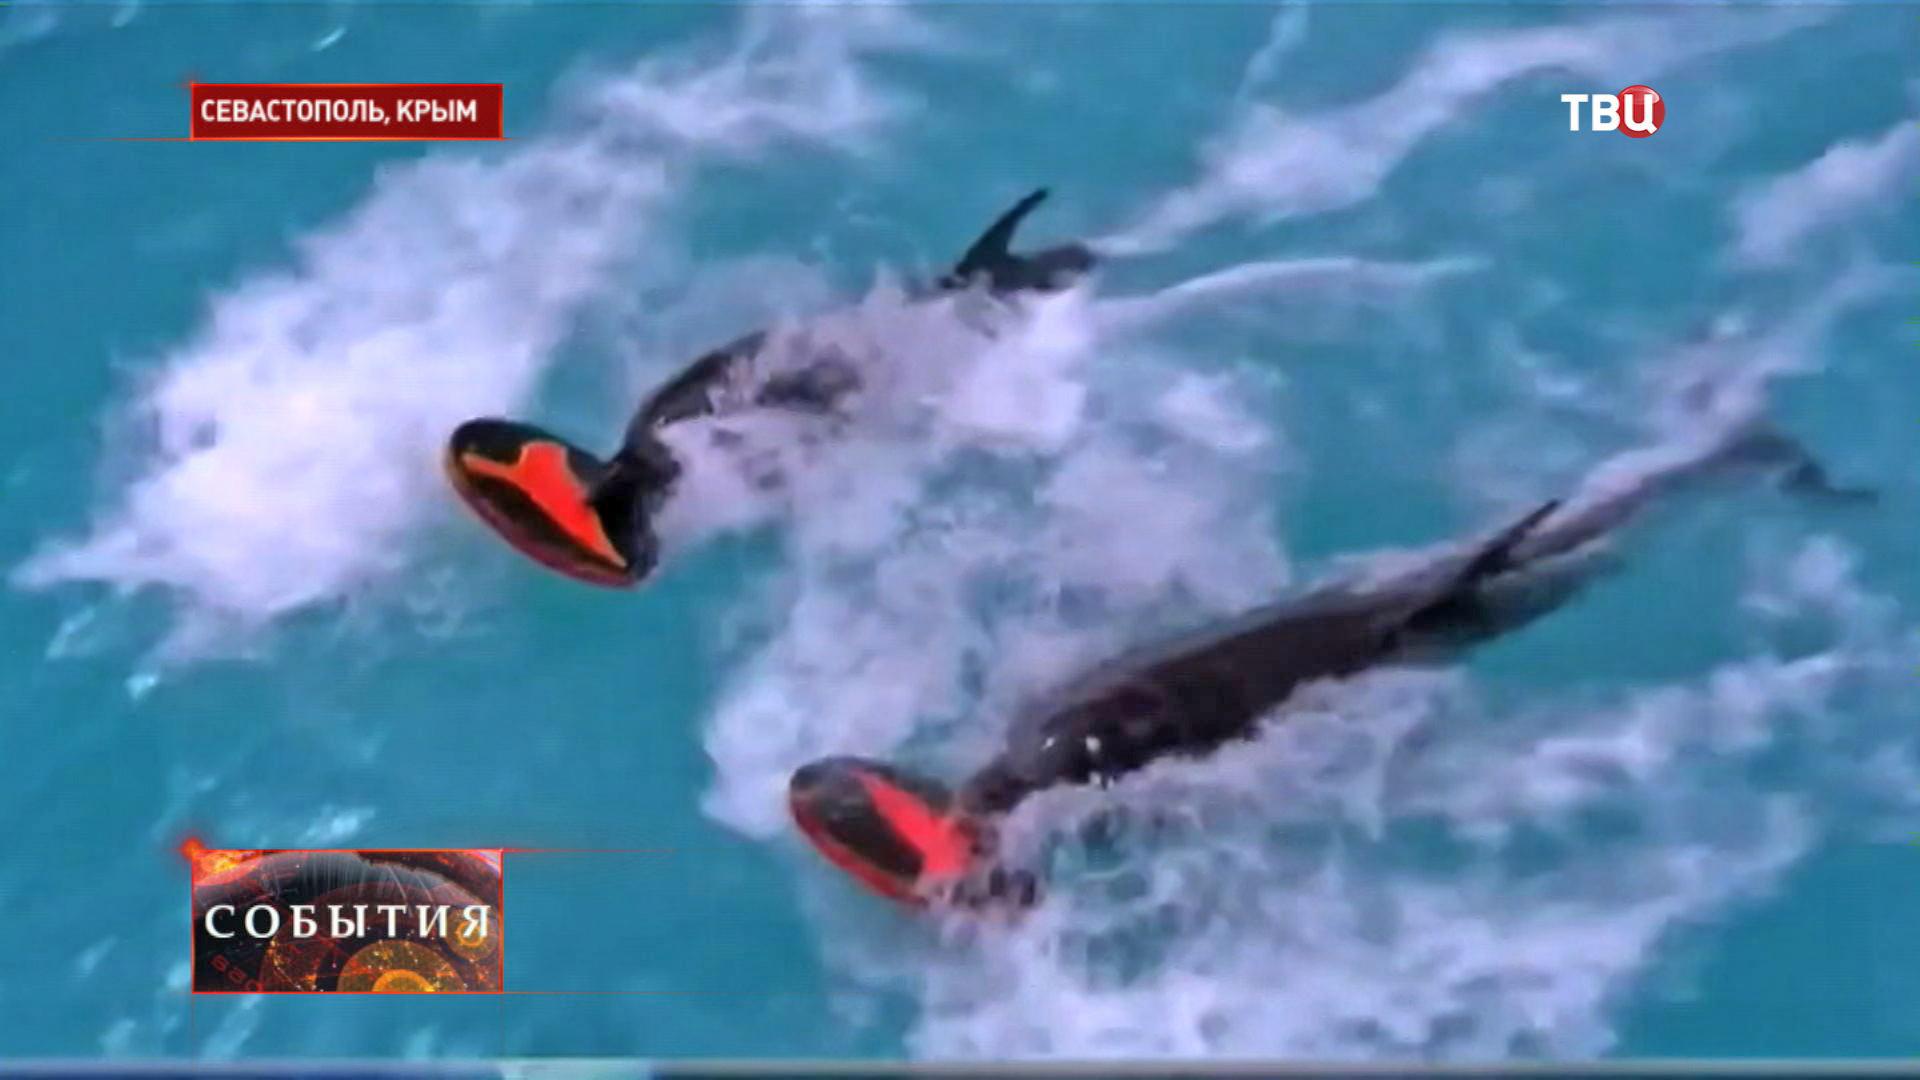 Центр подготовки дельфинов в Севастополе